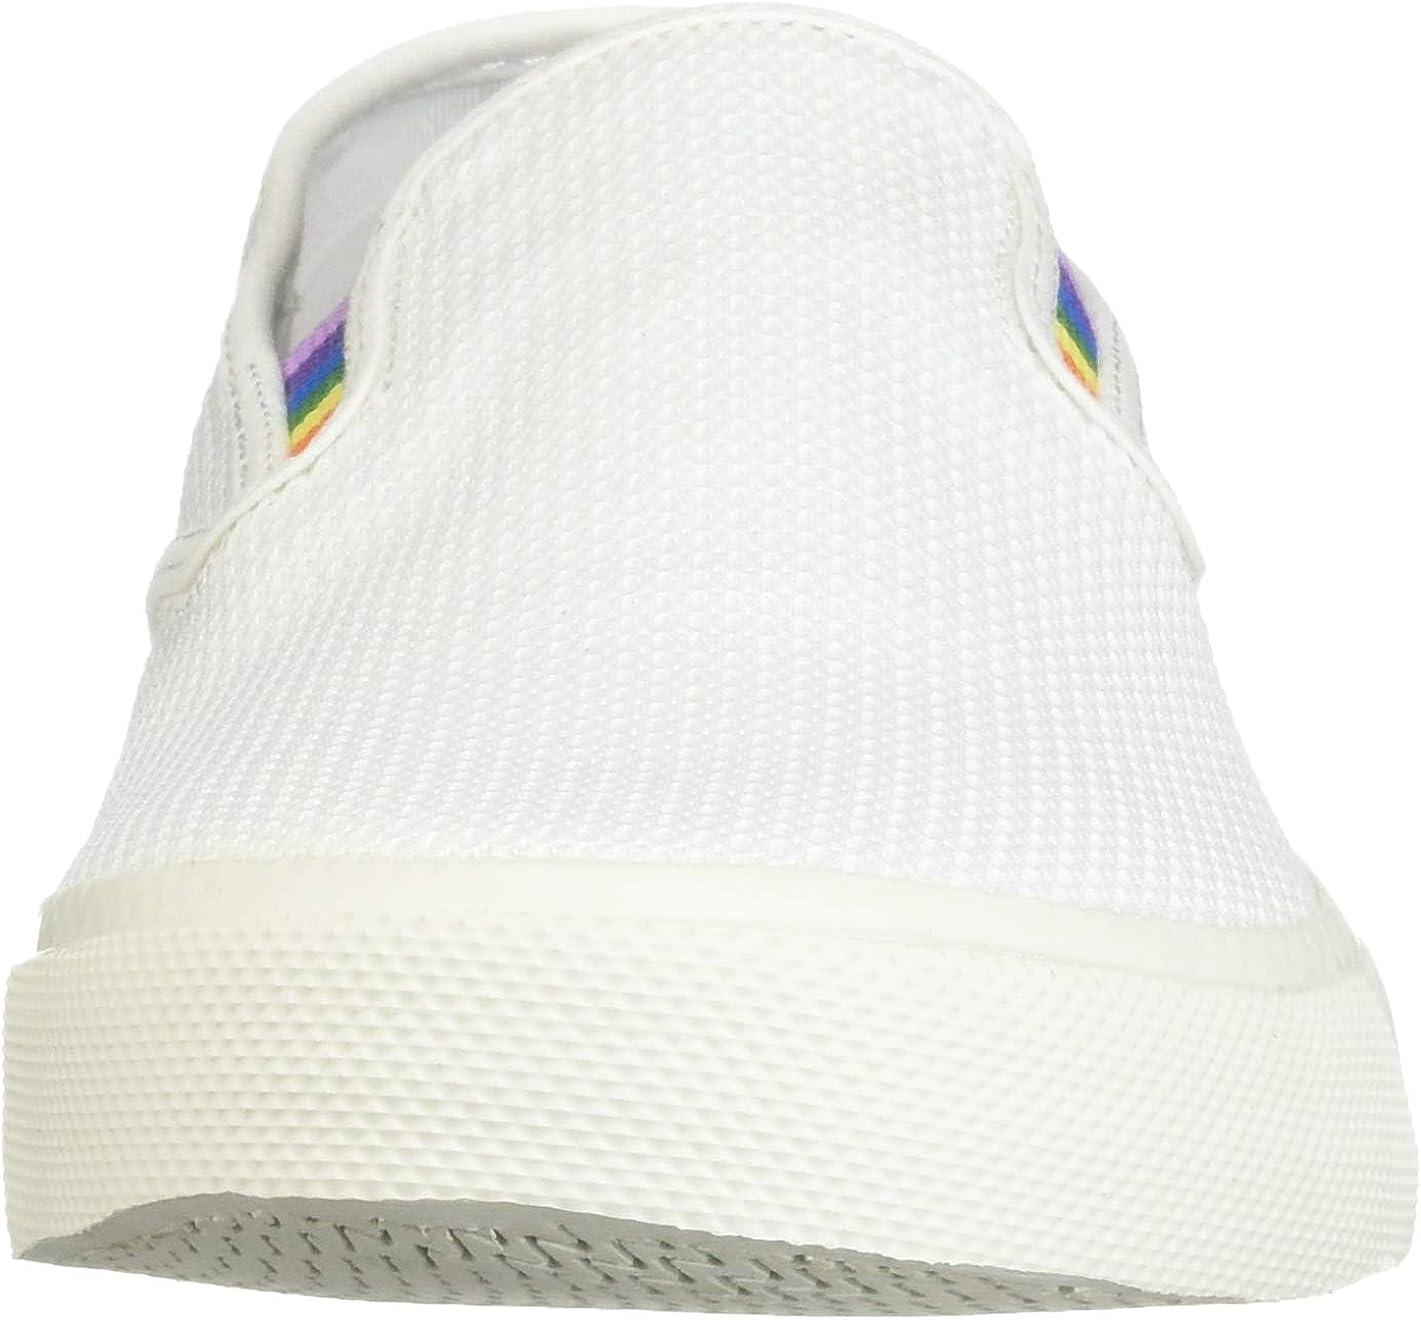 Sperry Top-Sider Captains Slip On Pride Sneaker Men 7.5 White